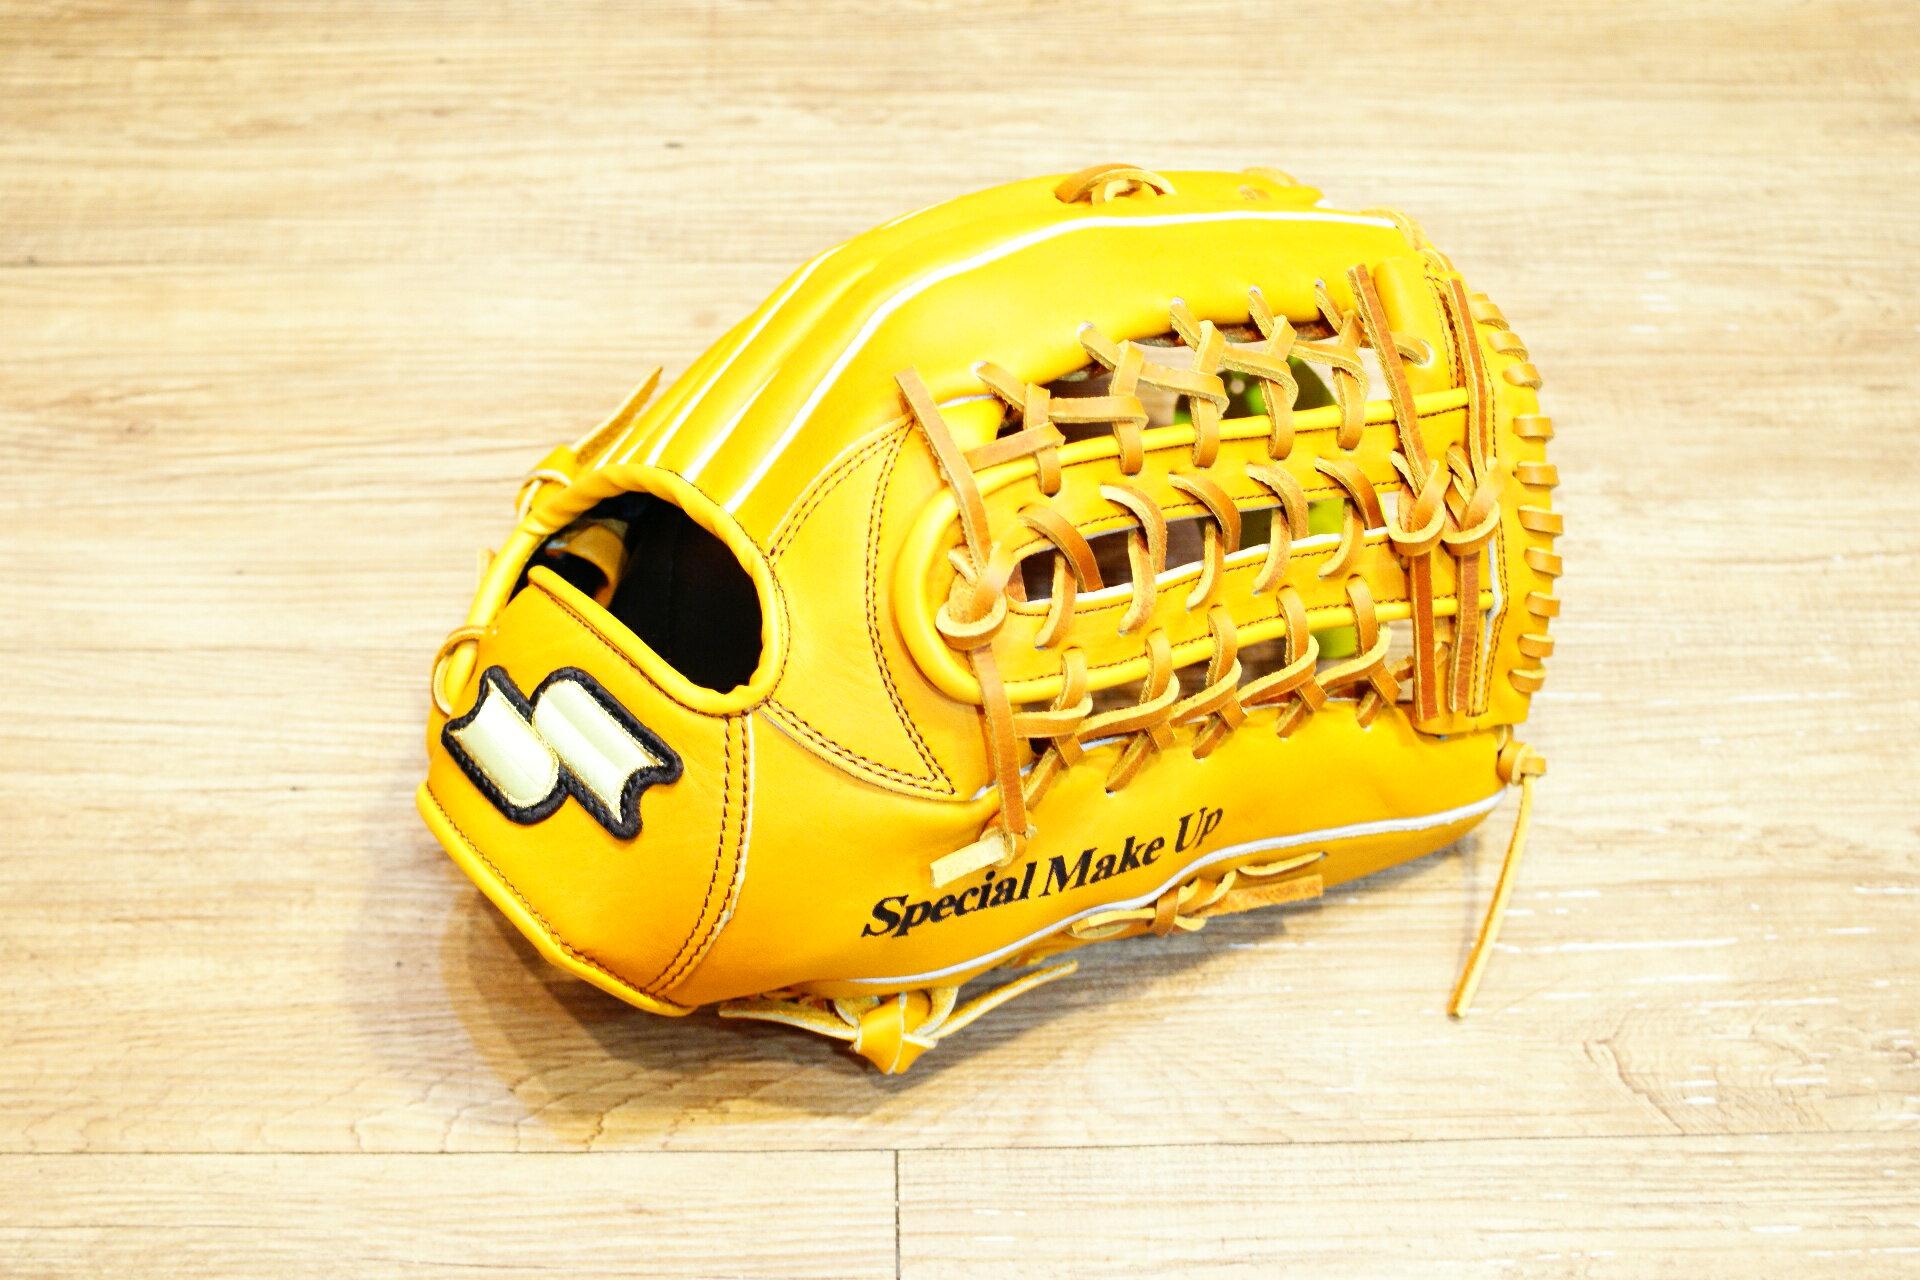 棒球世界 全新 店訂版SSK棒壘通用牛皮外野手套特價   U網檔 原皮色